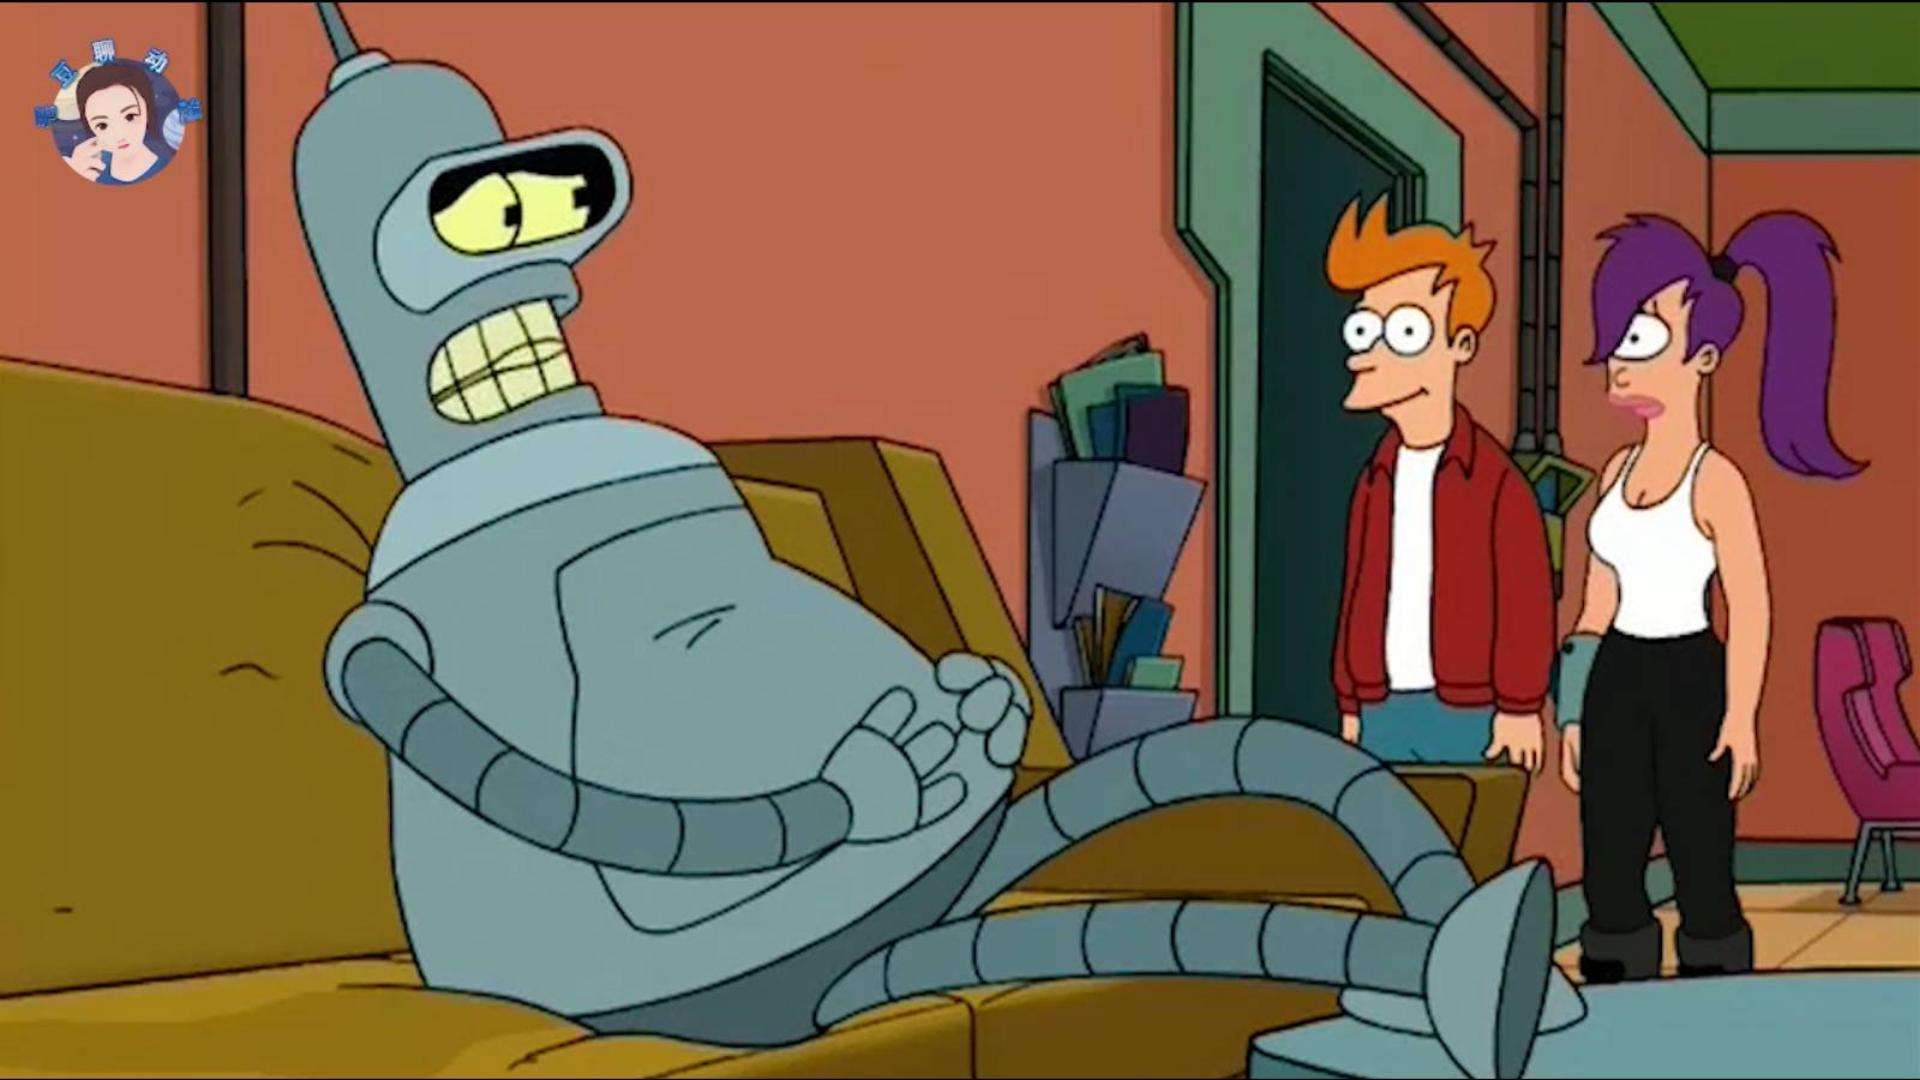 【毛豆】机器人班德怀孕了,在朋友的帮助下顺利生产!《飞出个未来》